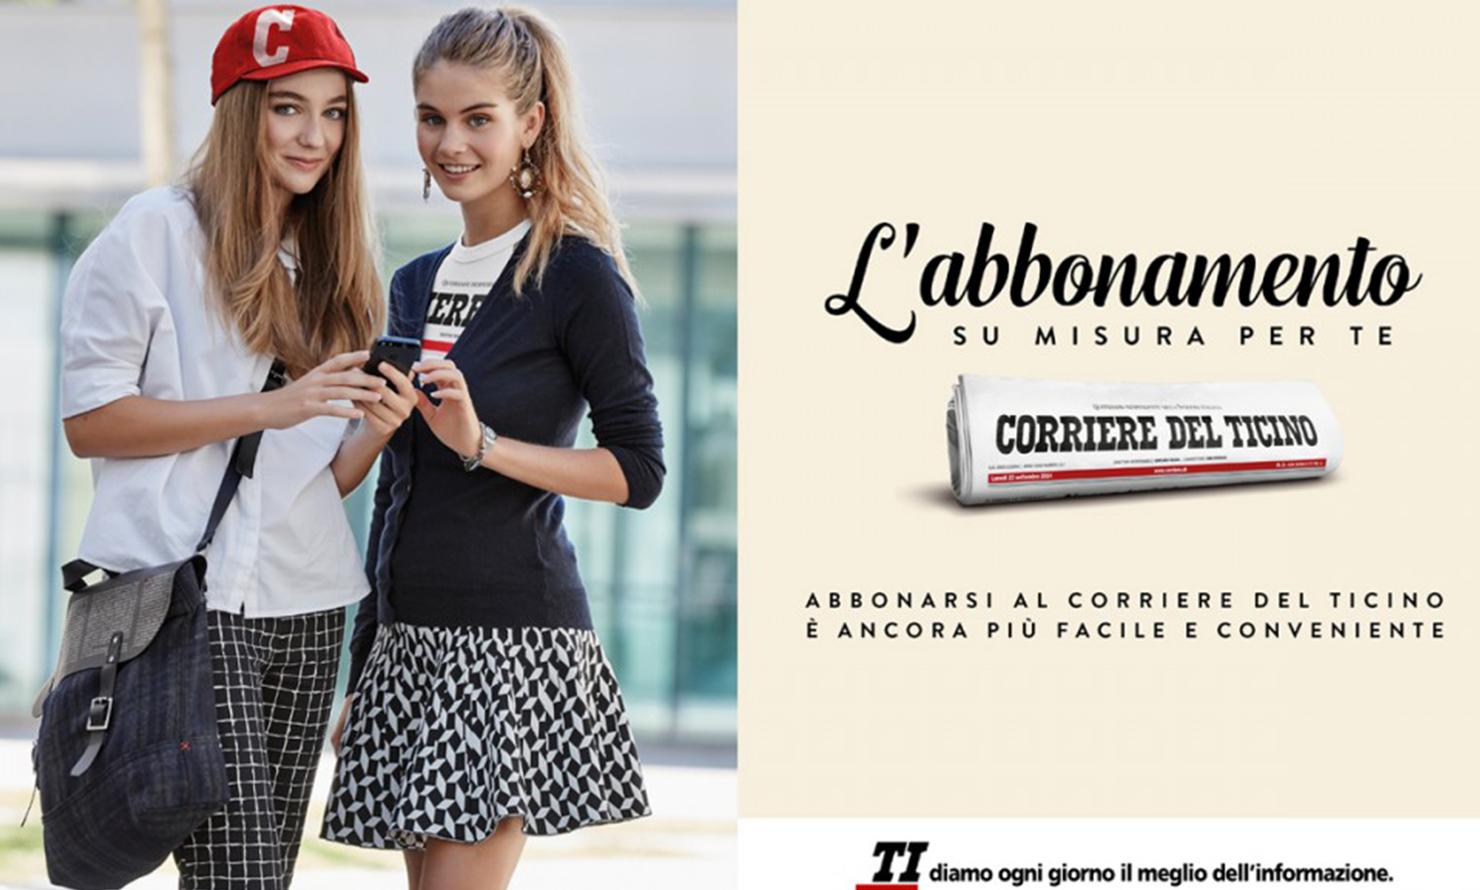 https://www.kubelibre.com/uploads/Slider-work-tutti-clienti/corriere-del-ticino-l-abbonamento-su-misura-per-te-8.jpg